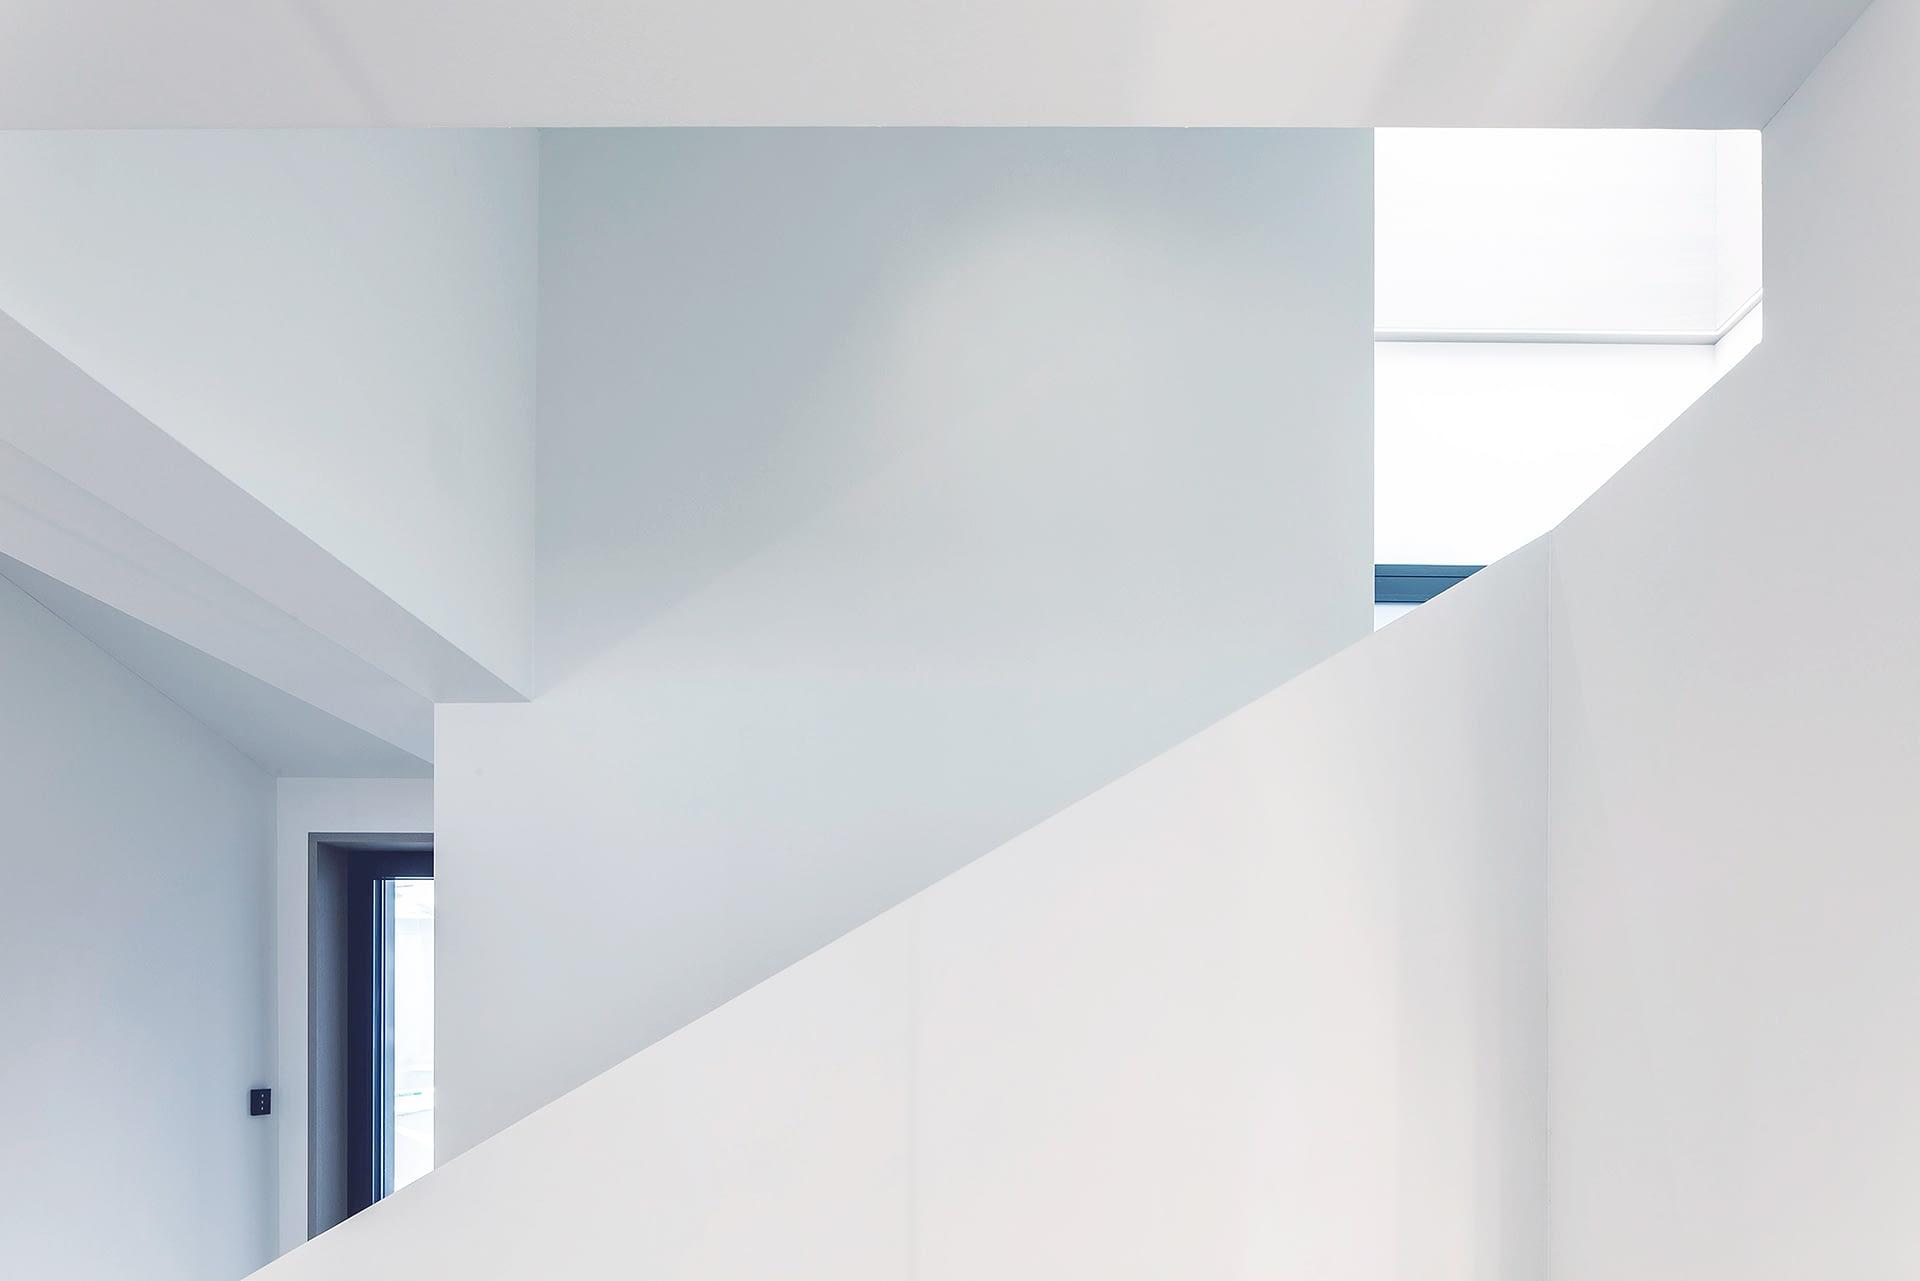 6415-Immensee-Neubau,-Einfamilienhaus-2137-Bild-8@2x